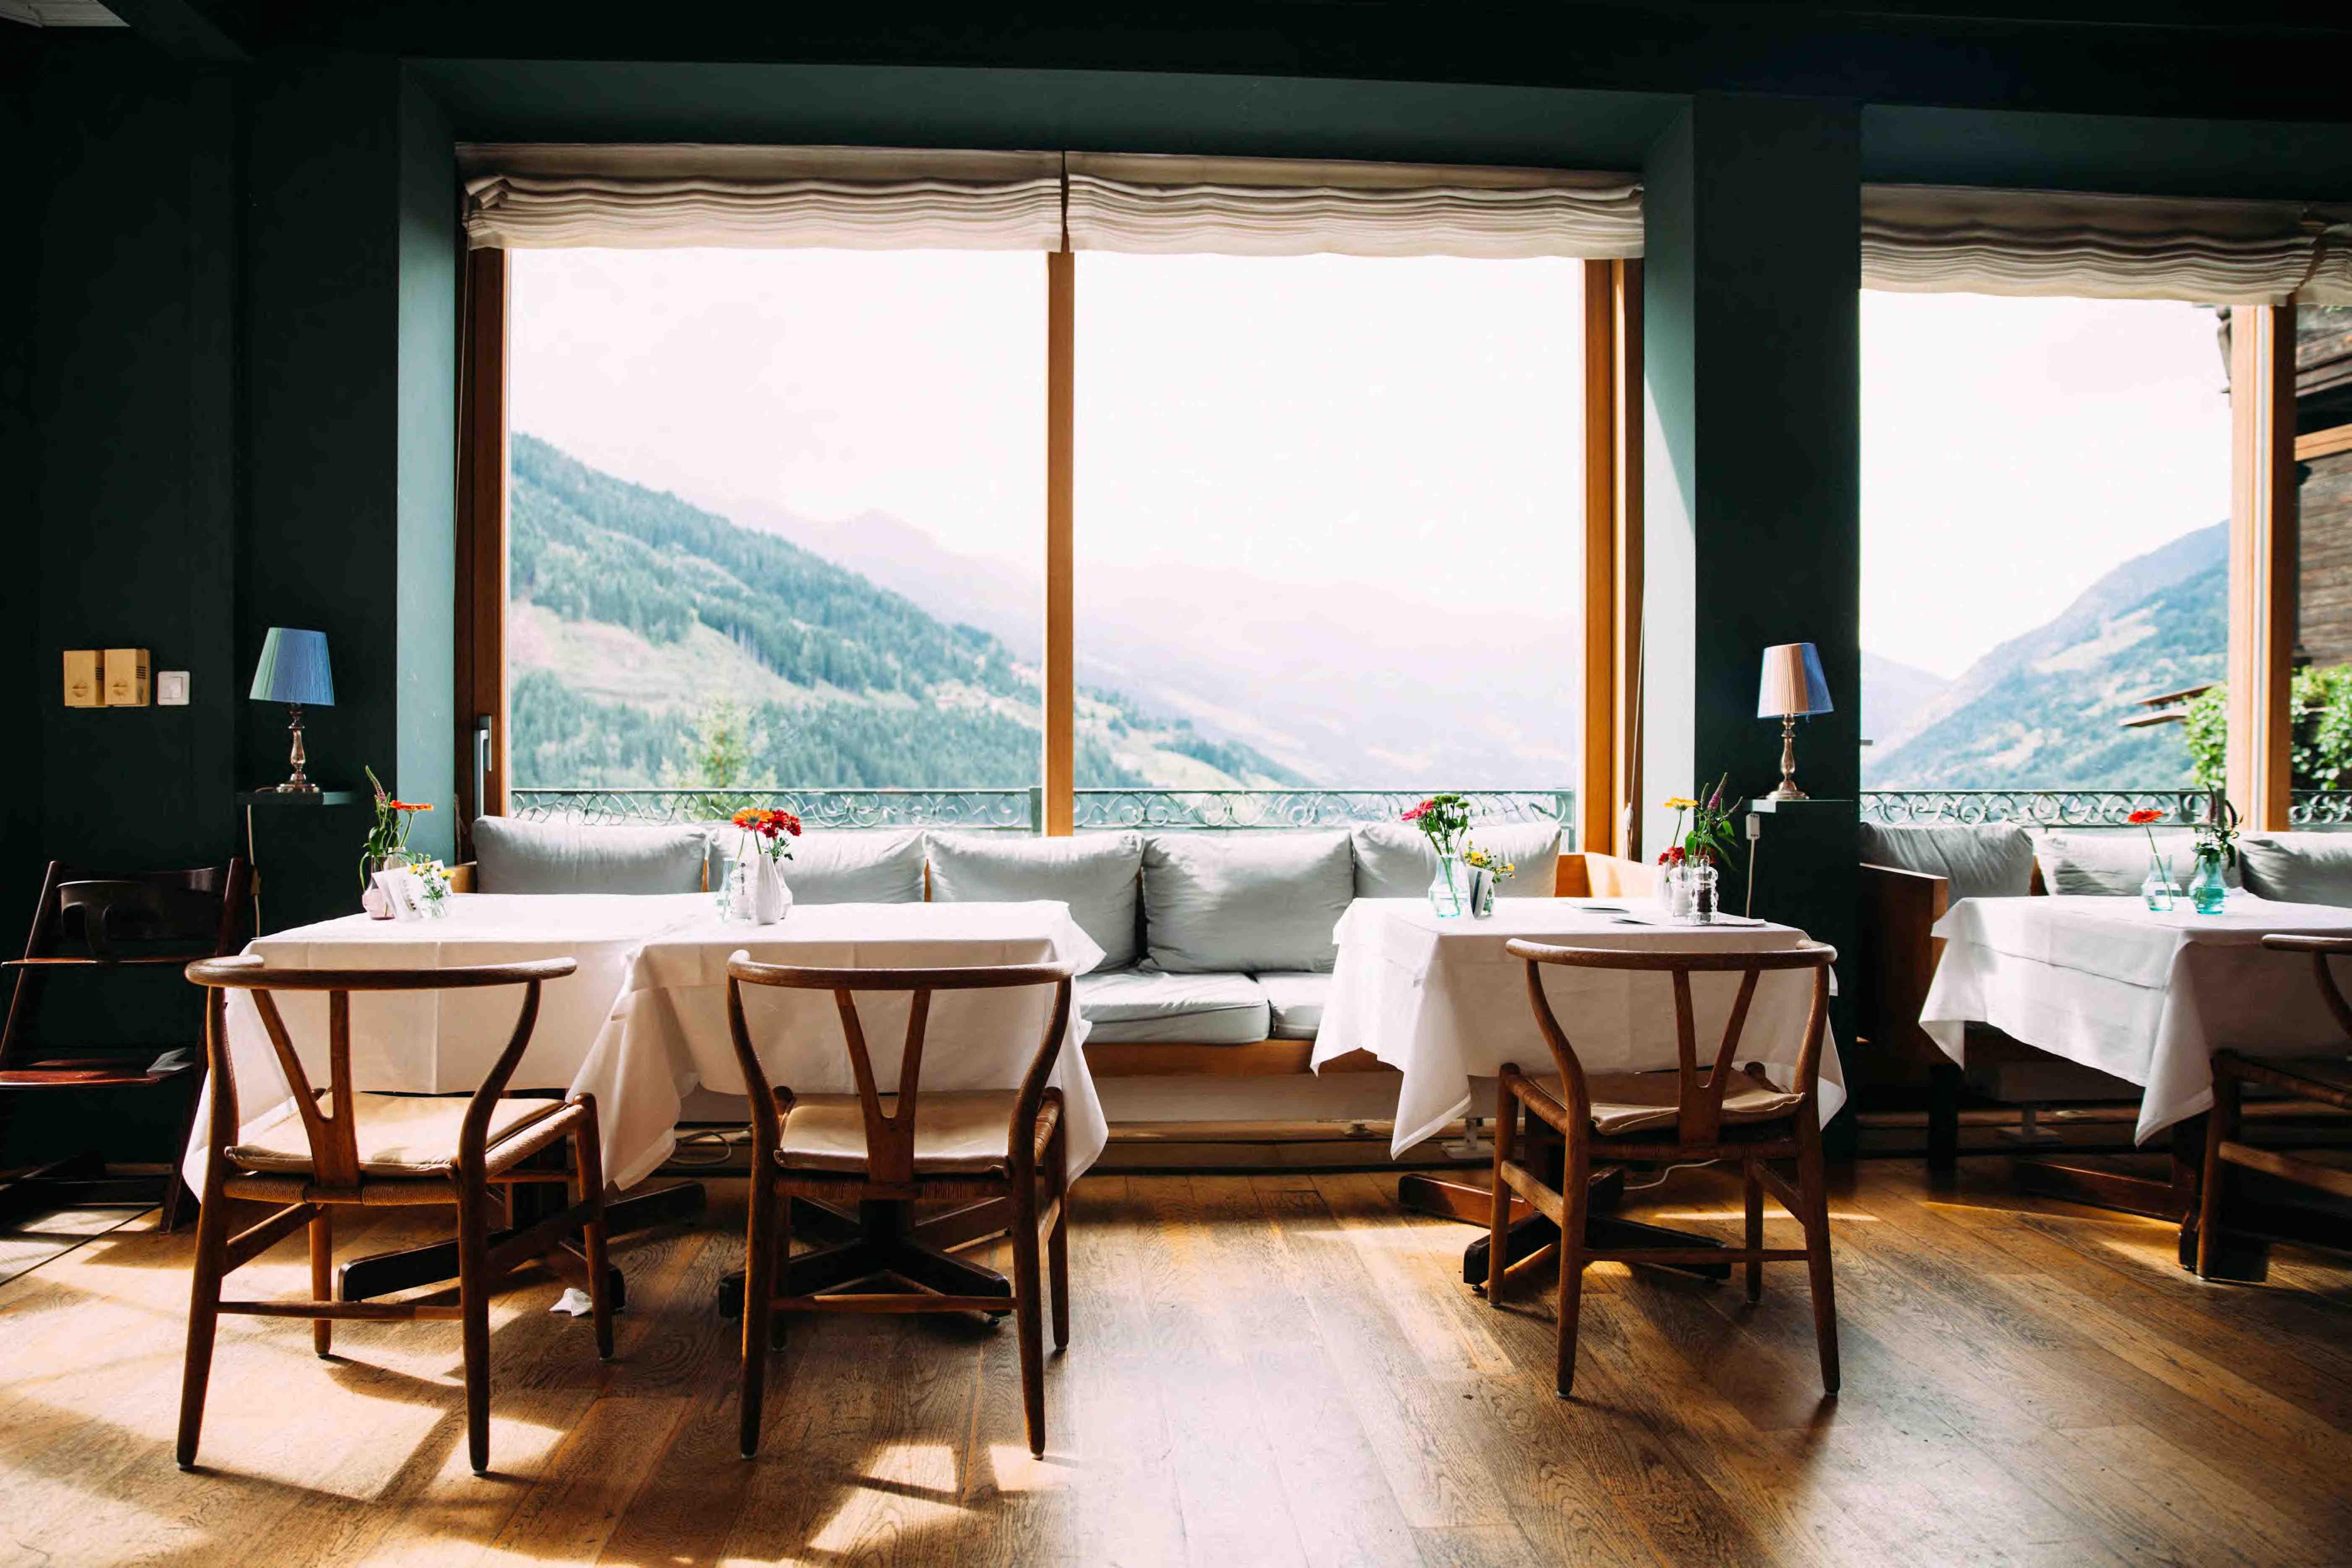 Zuckerzimtundliebe Haus Hirt Bad Gastein Spahotel Tophotel Hoteltipp Österreich Familienhotel Blog Rezept Rotweinkuchen Schokoladenkuchen